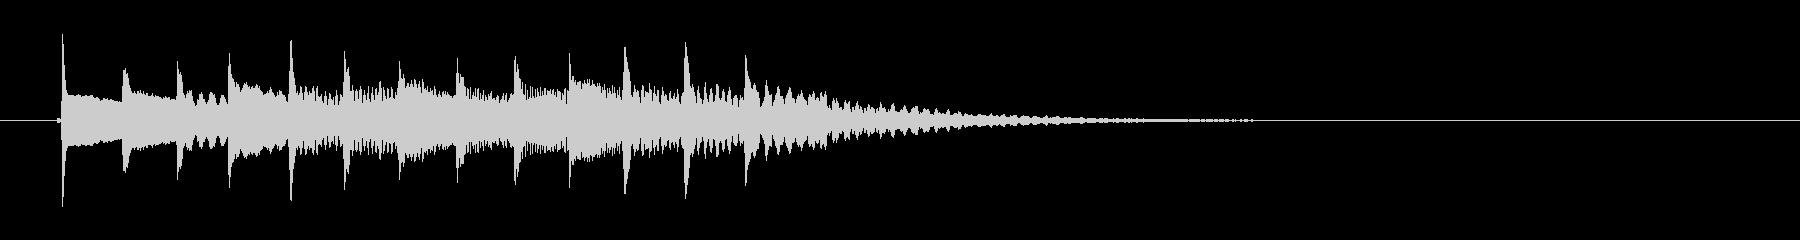 高音シンセ鍵盤メロディーの未再生の波形